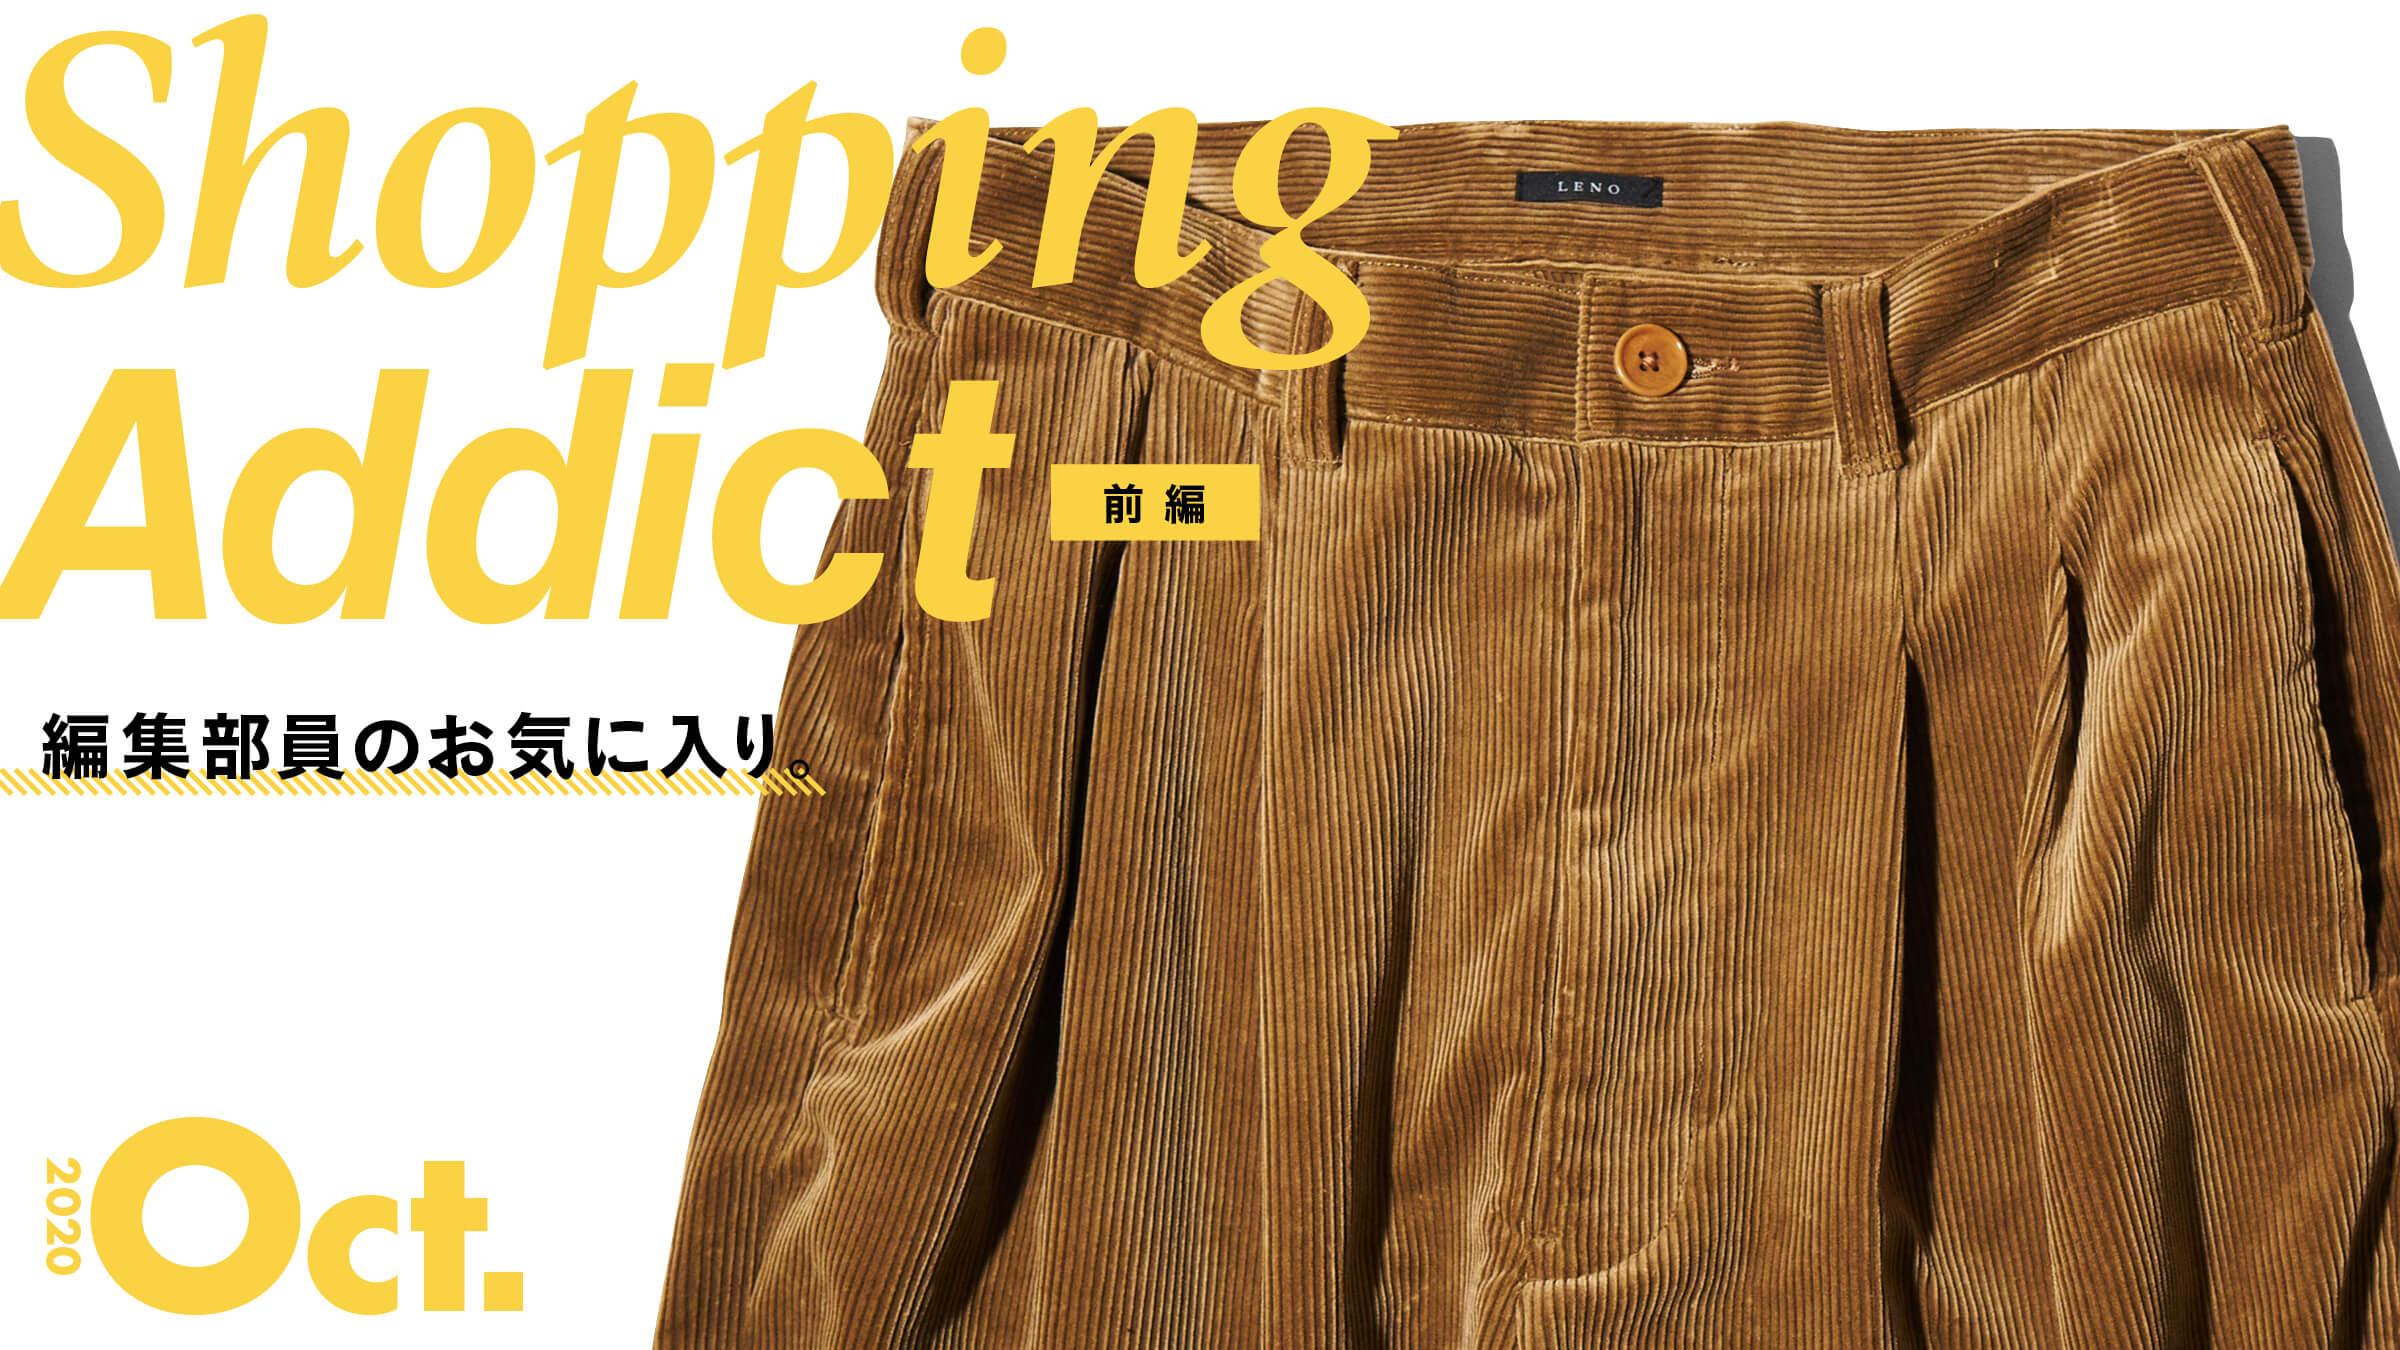 Shopping Addict 2020 Oct.〜編集部員のお気に入り〜 前編